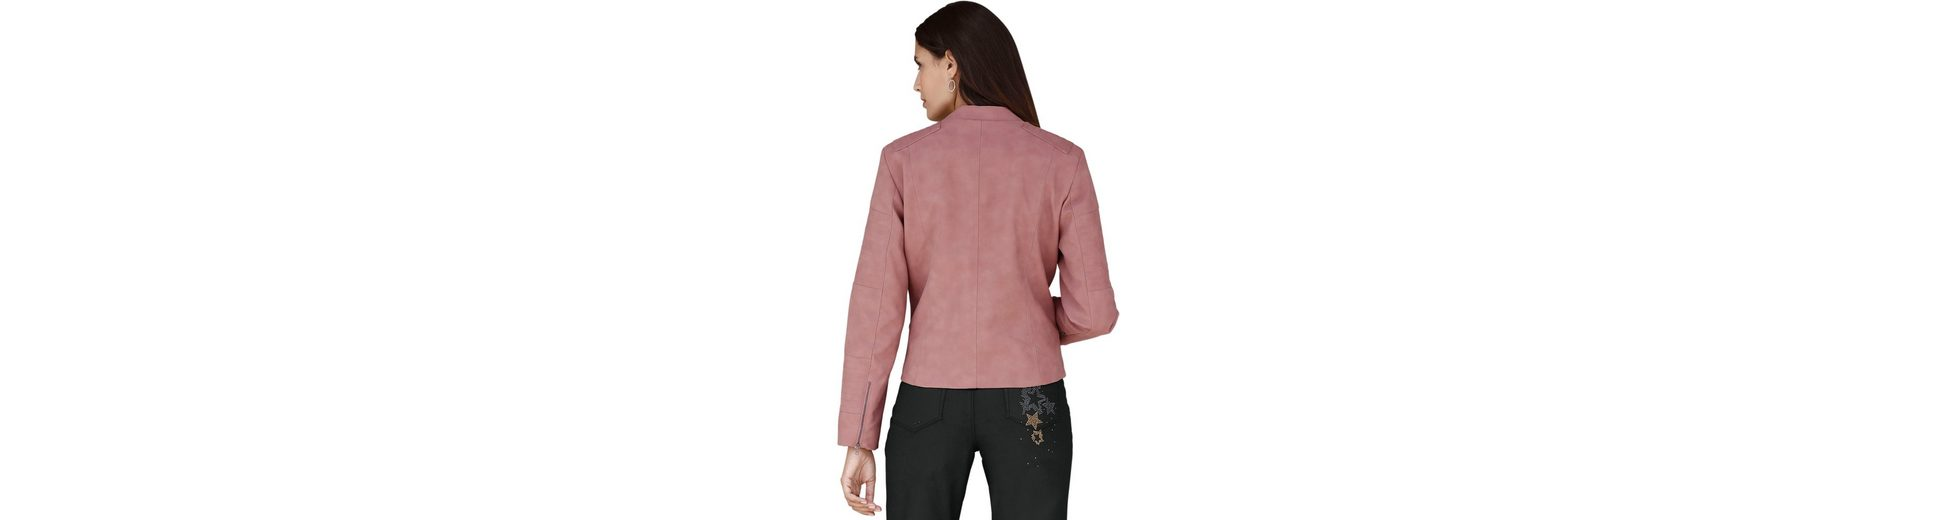 Wo Niedrigen Preis Kaufen Classic Inspirationen Lederimitat-Blazer mit dekorativen Ziersteppungen im Schulterbereich Spielraum Wirklich ModKnn6